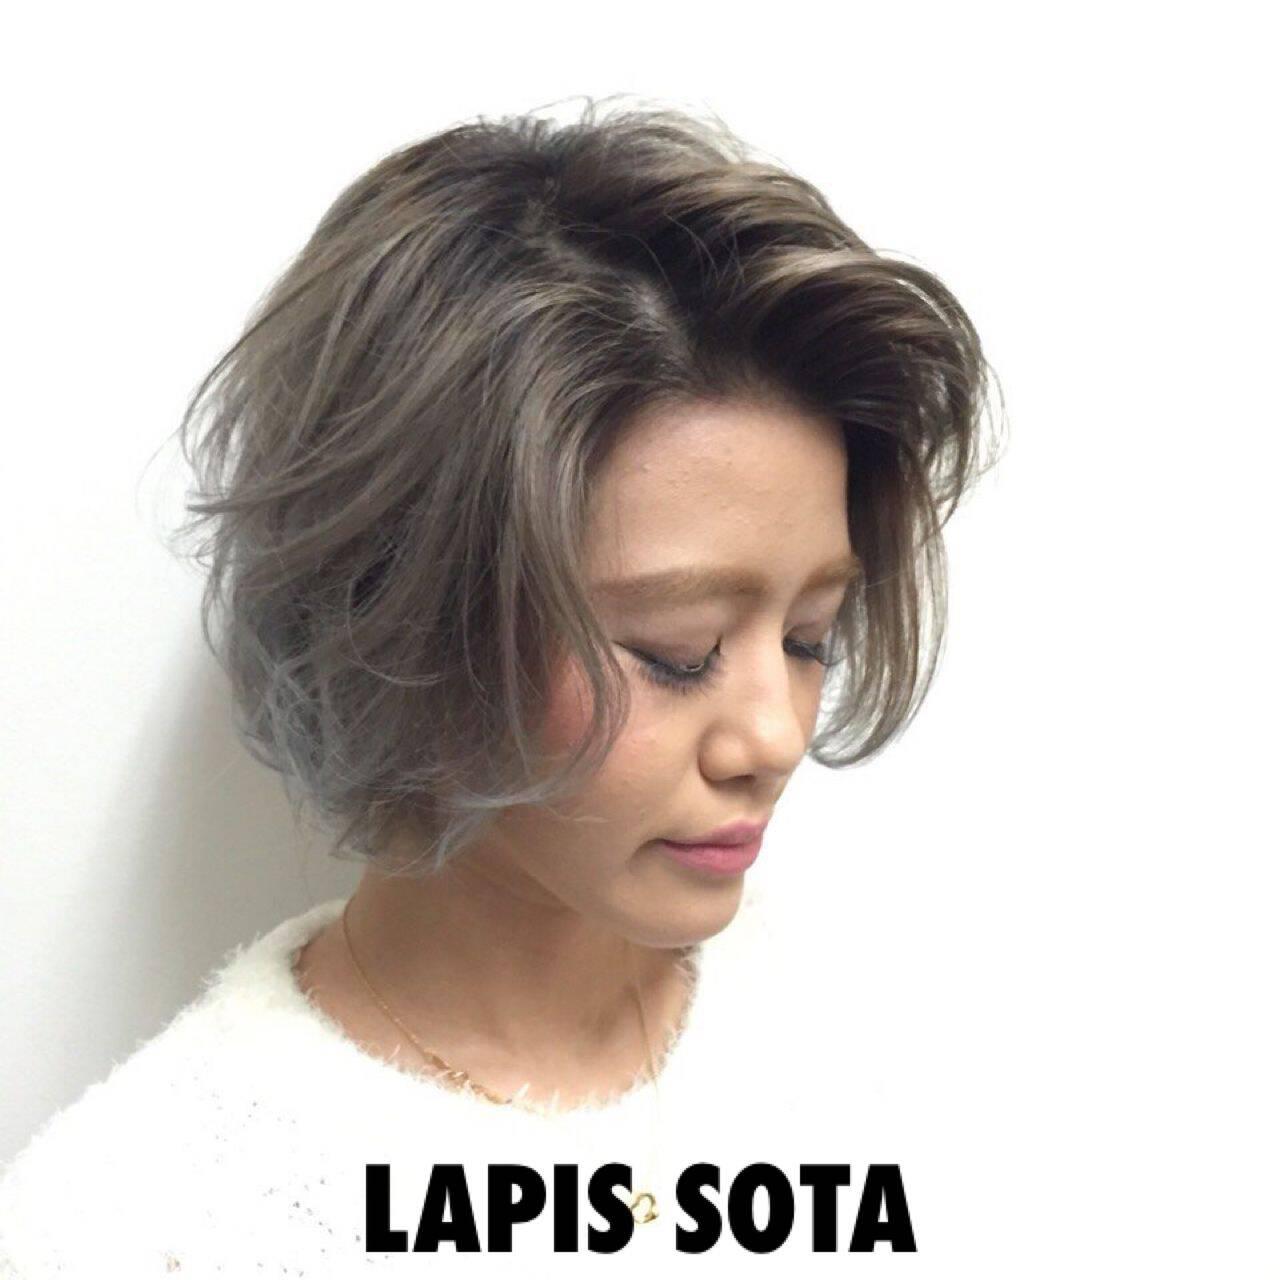 ハイトーン ストリート 渋谷系 メッシュヘアスタイルや髪型の写真・画像